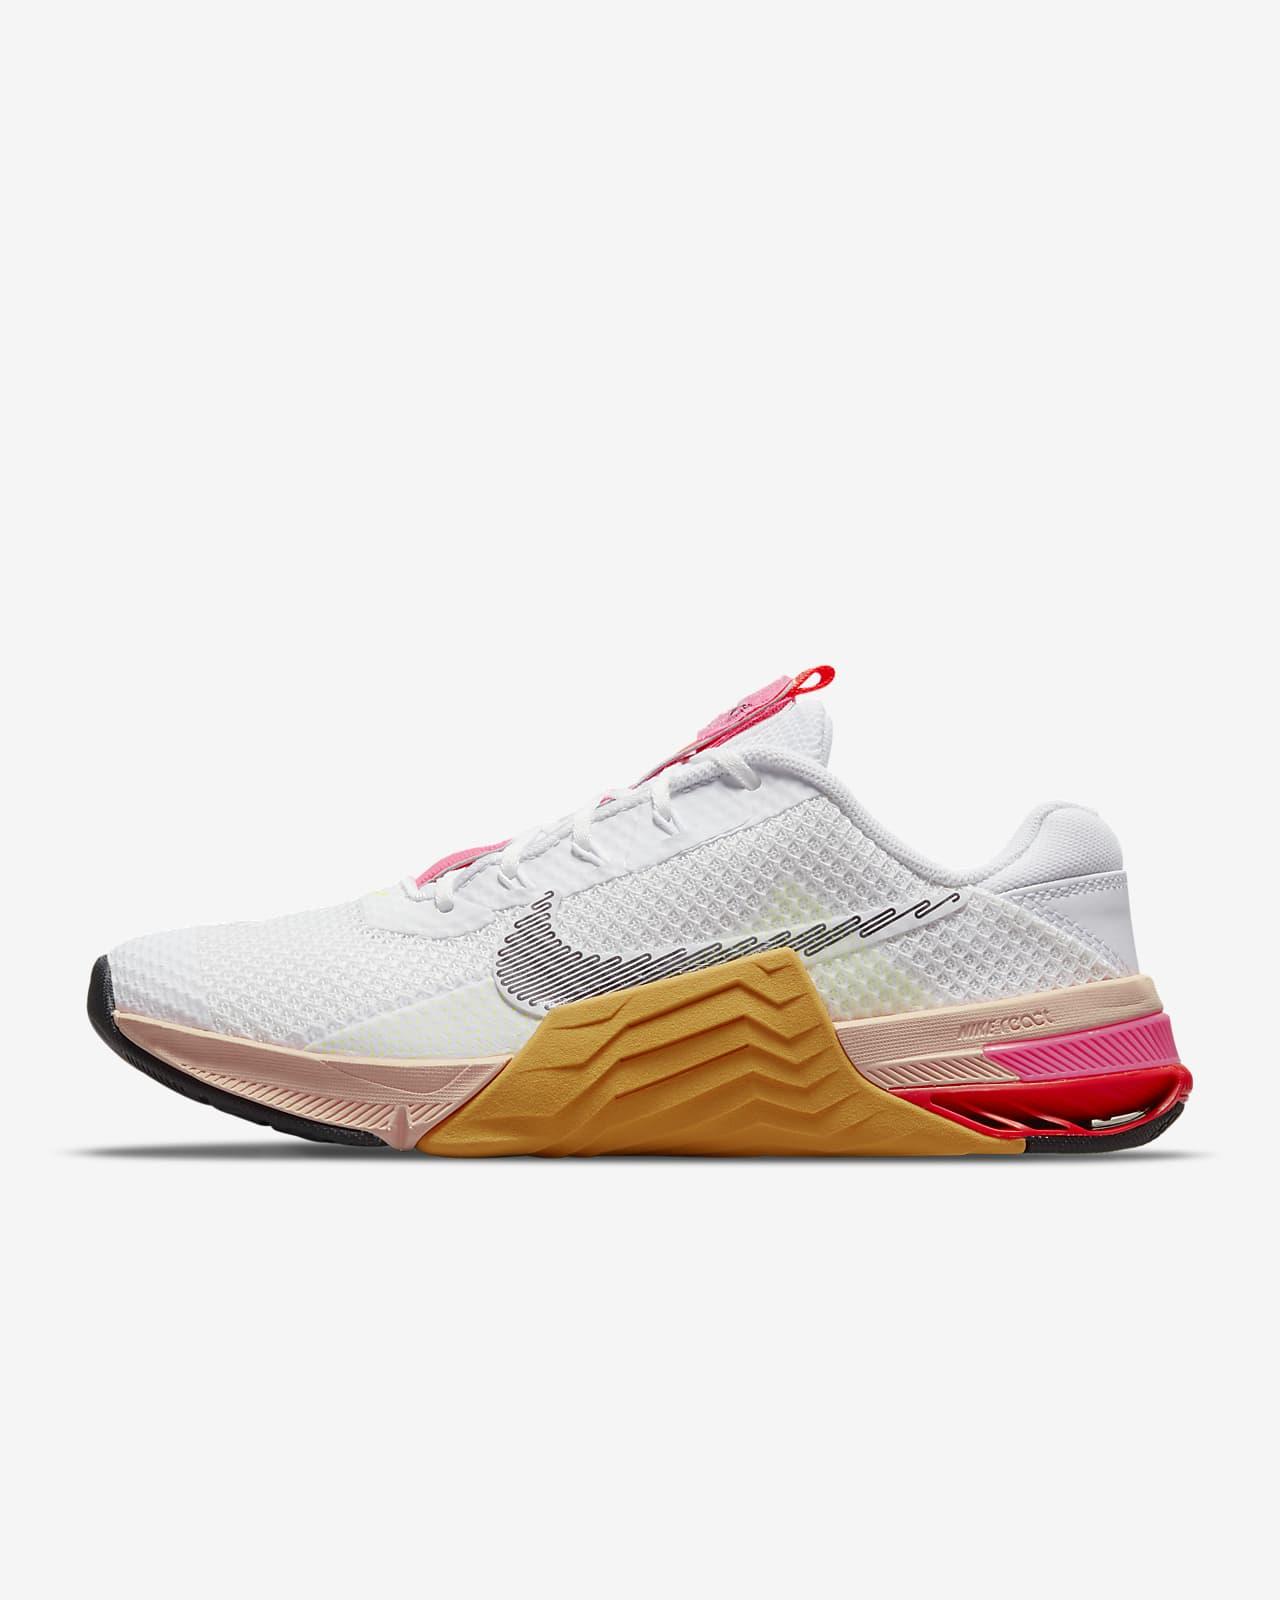 Chaussure de training Nike Metcon 7 X pour Femme